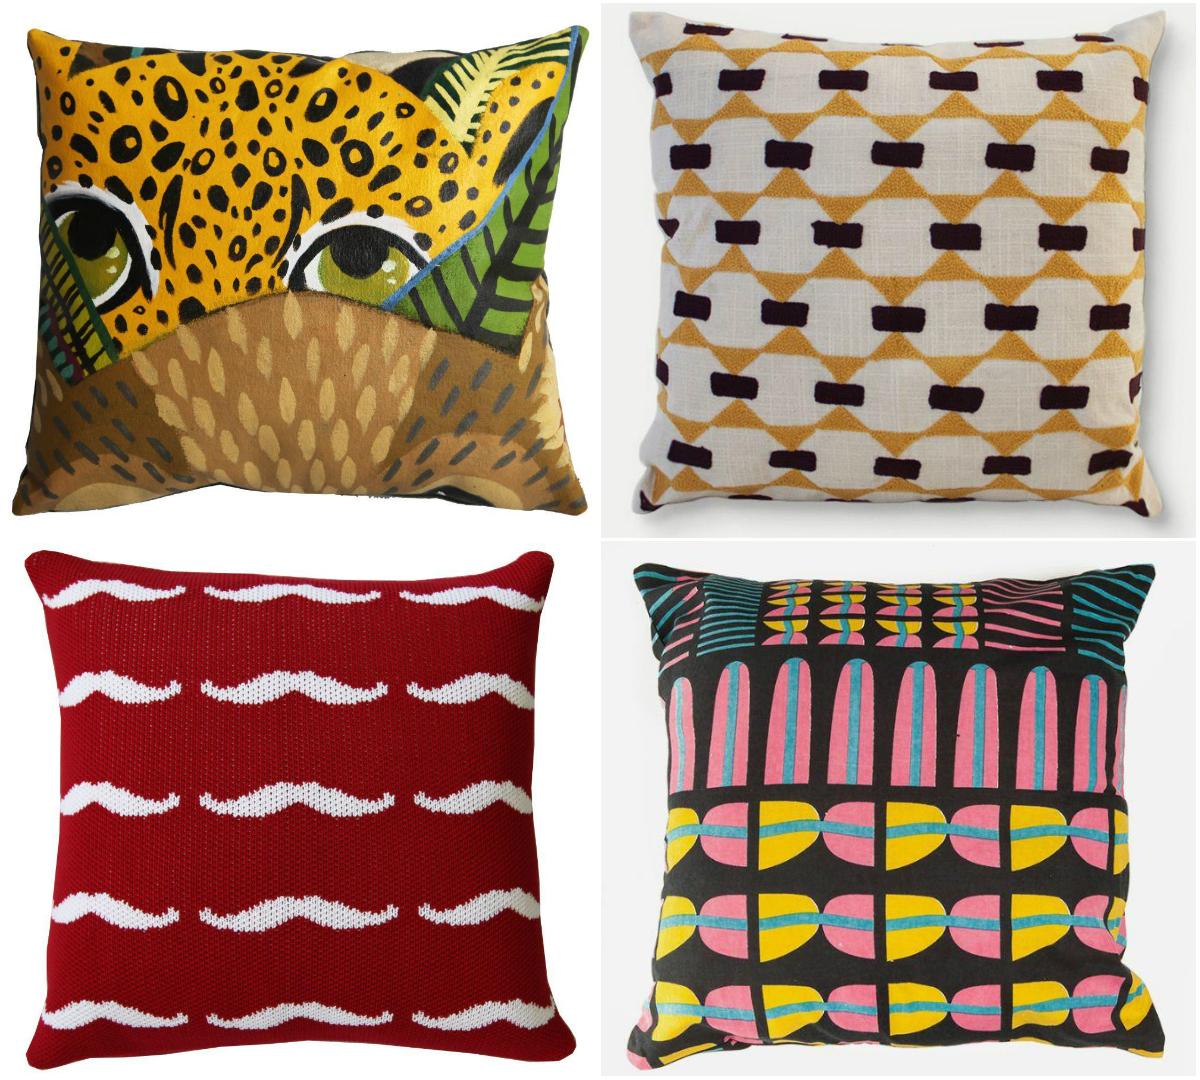 03-12-almofadas-para-complementar-decor